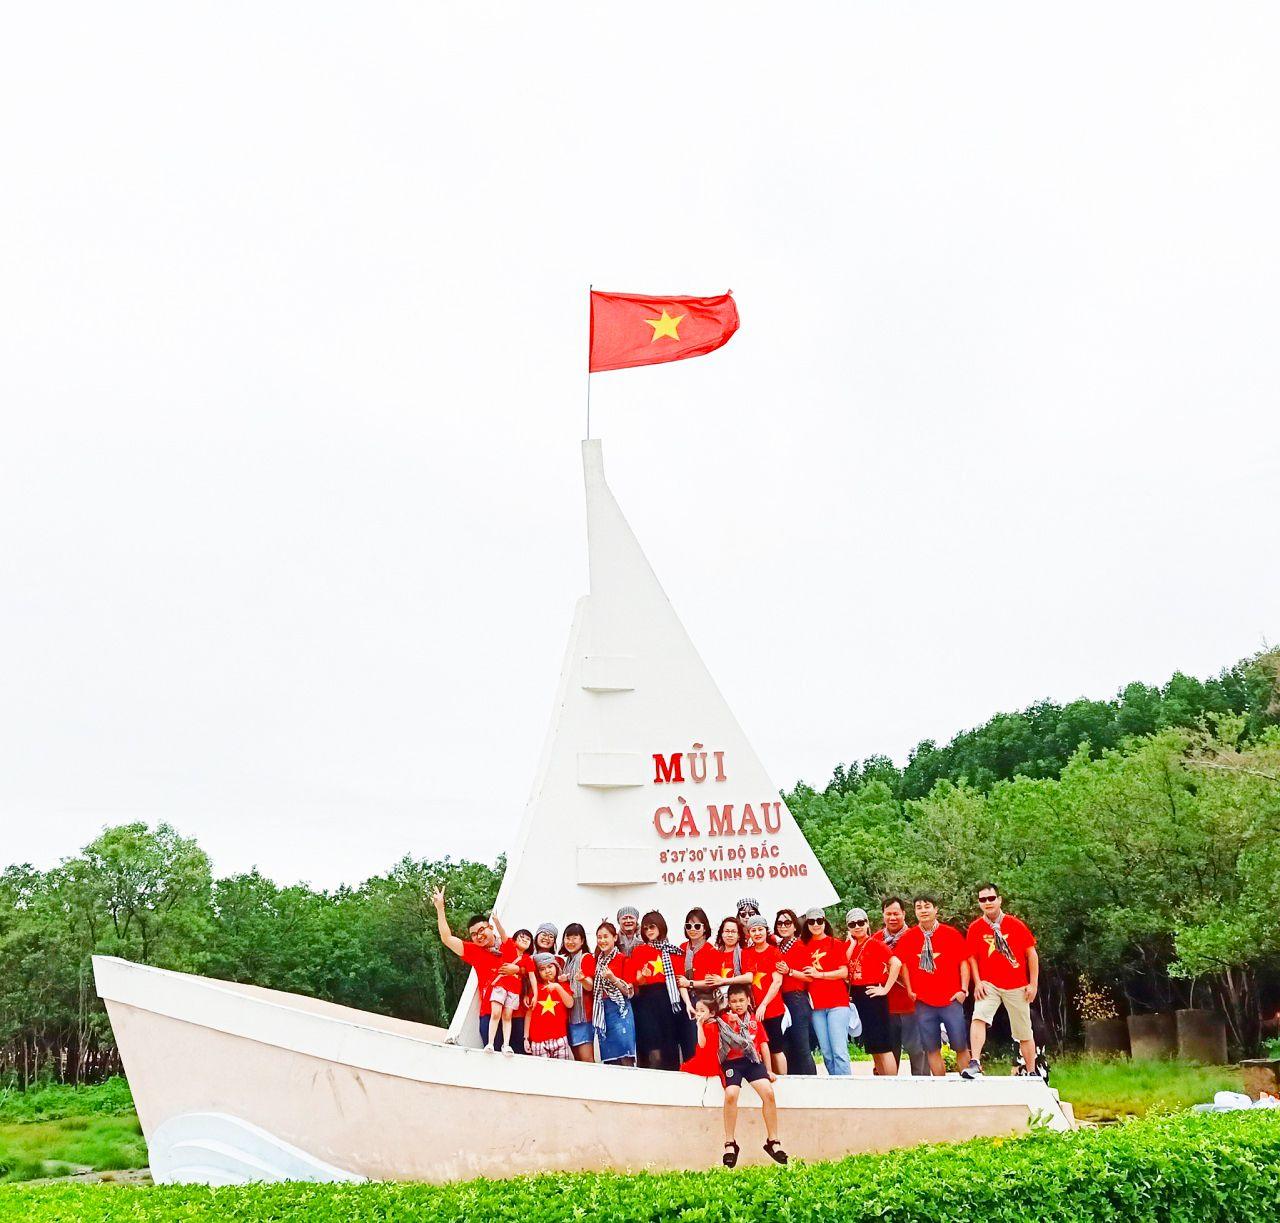 Check-in Mũi Tàu tại Cà Mau - tour Cần Thơ Cà Mau An Giang 3 ngày 2 đêm